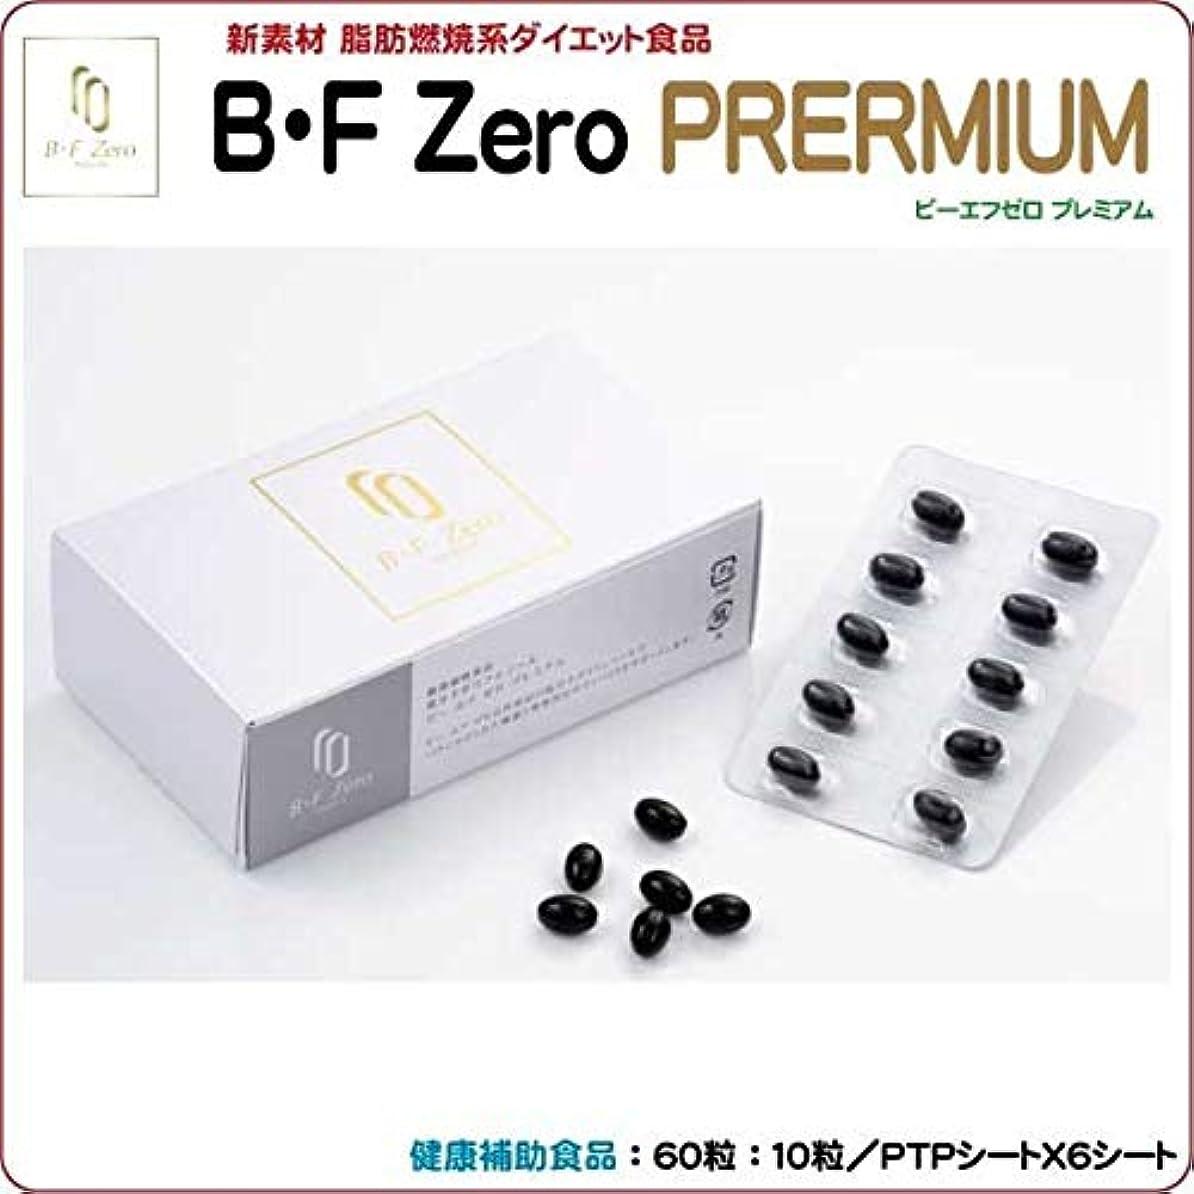 擬人フィドル生産的ビーエフゼロプレミアム B?F Zero PREMIUM